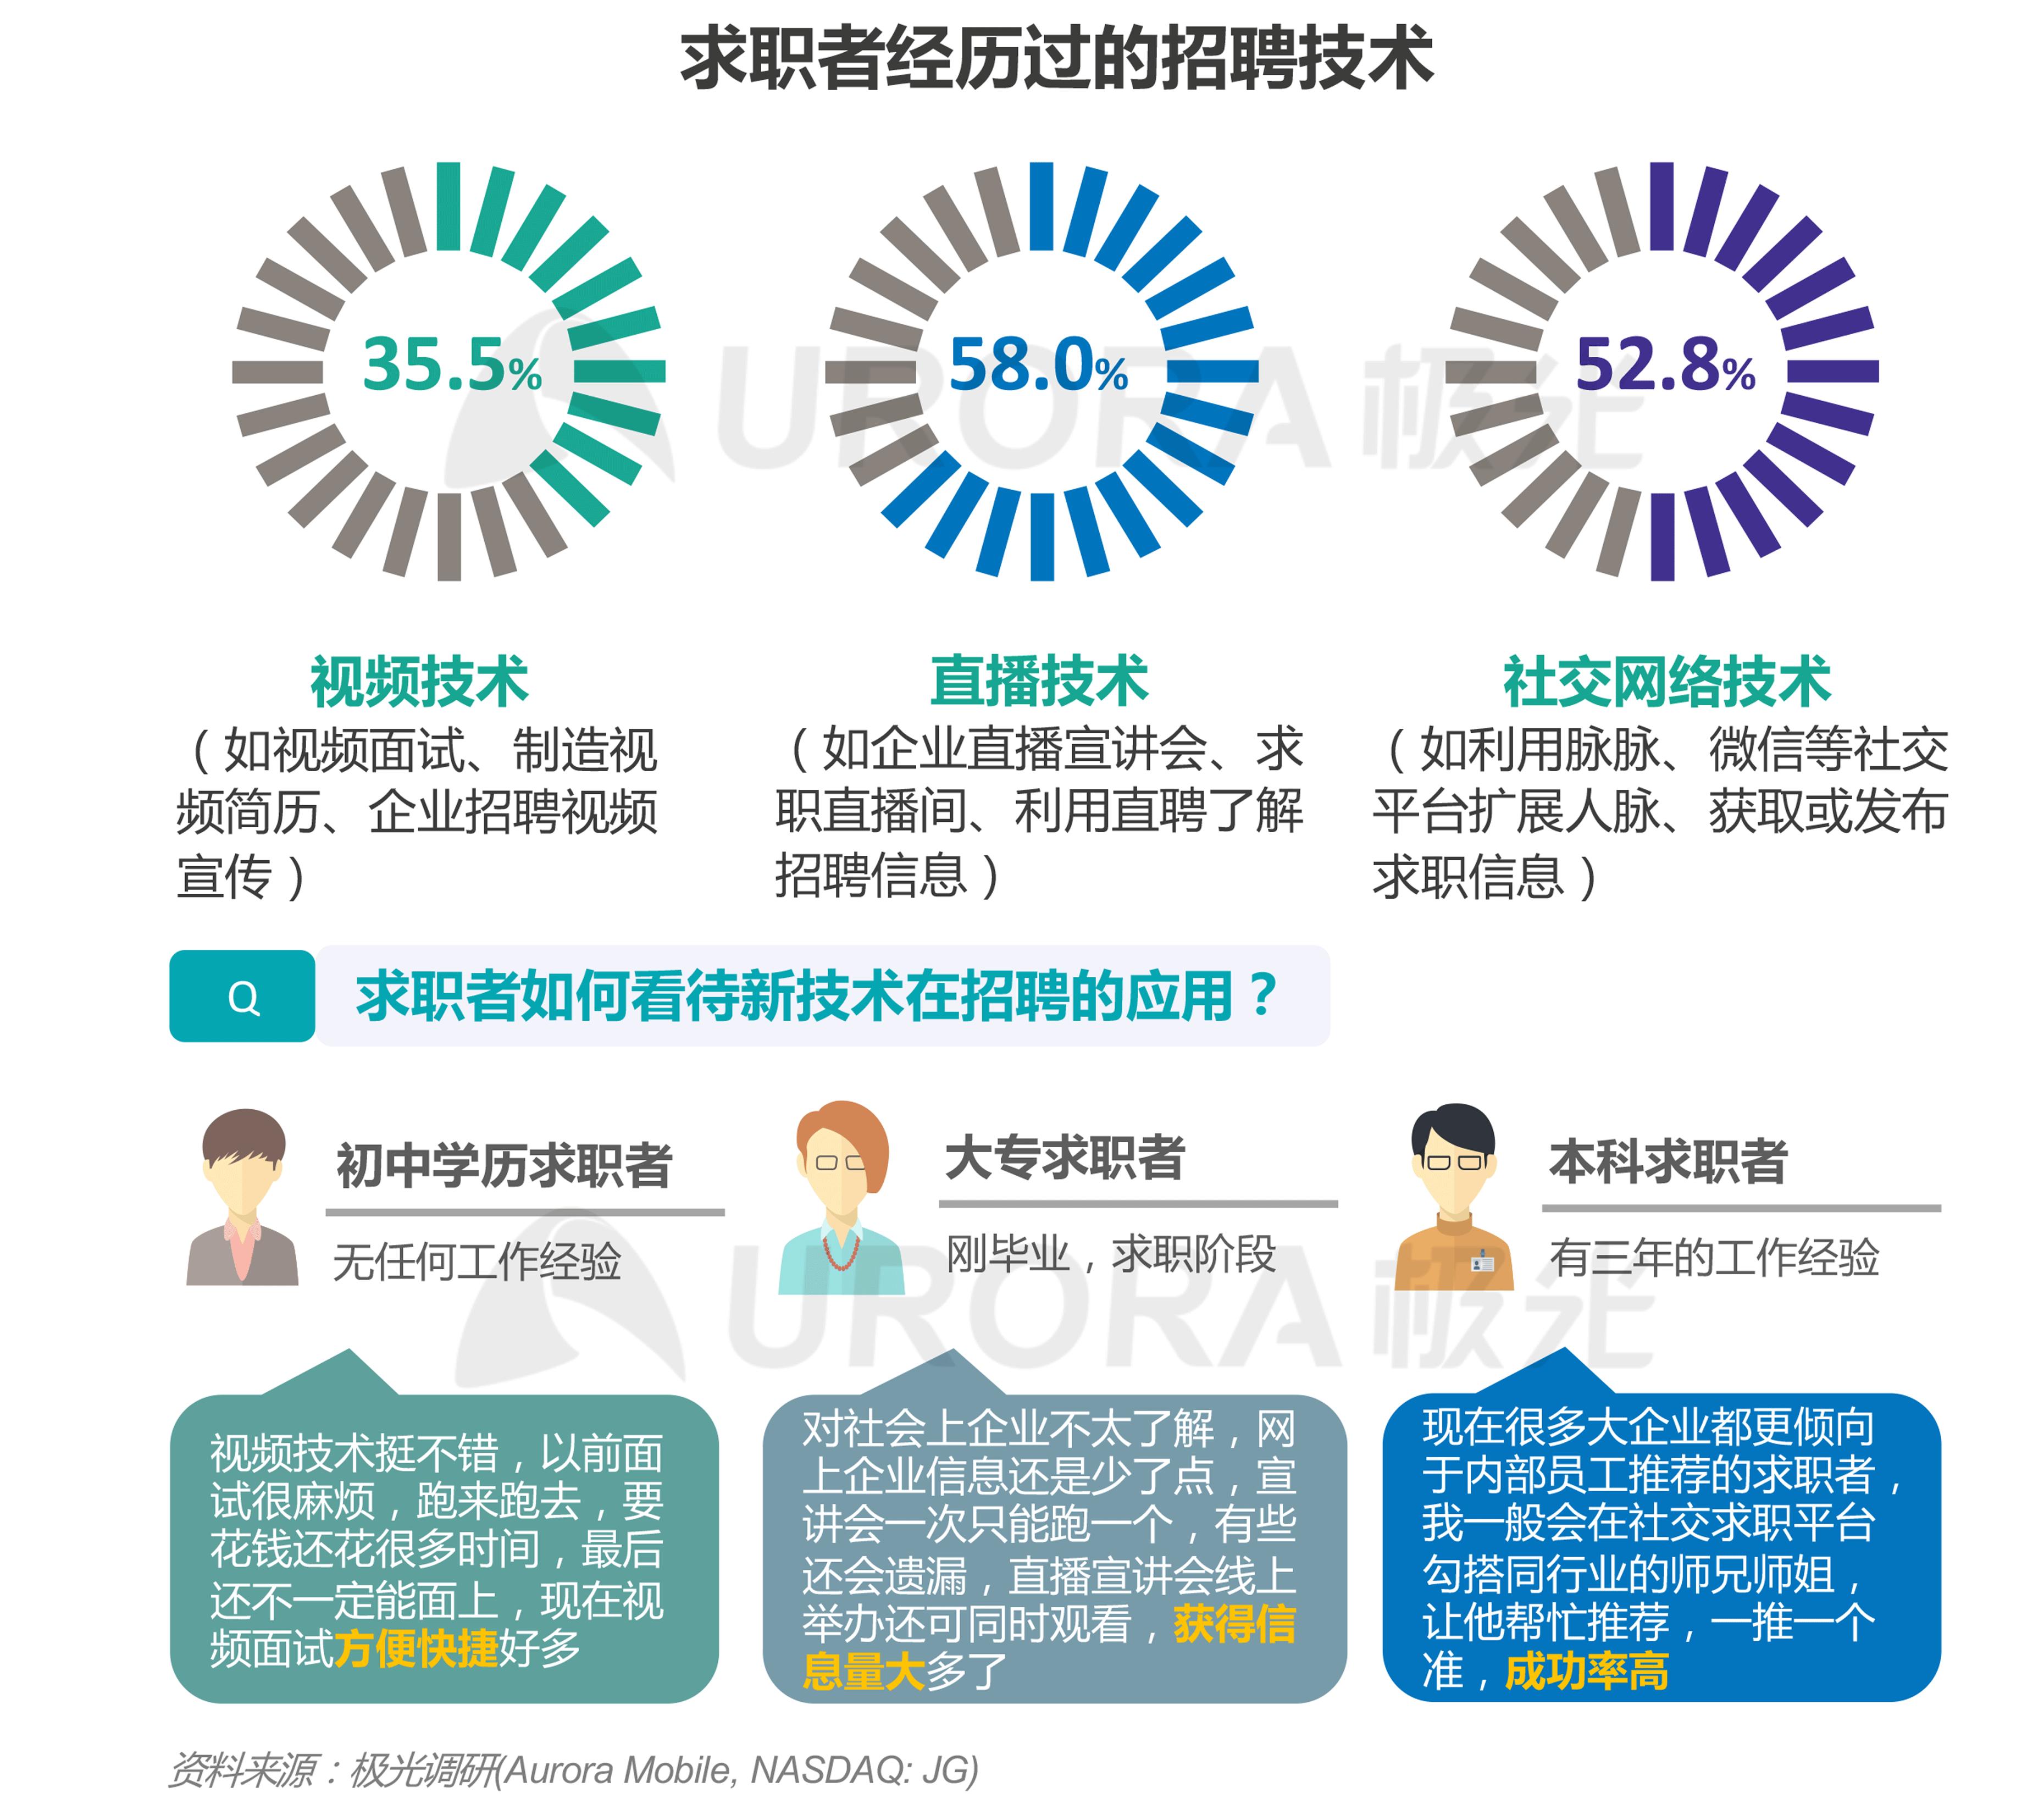 """""""超职季""""招聘行业报告-汇总版 (16).png"""